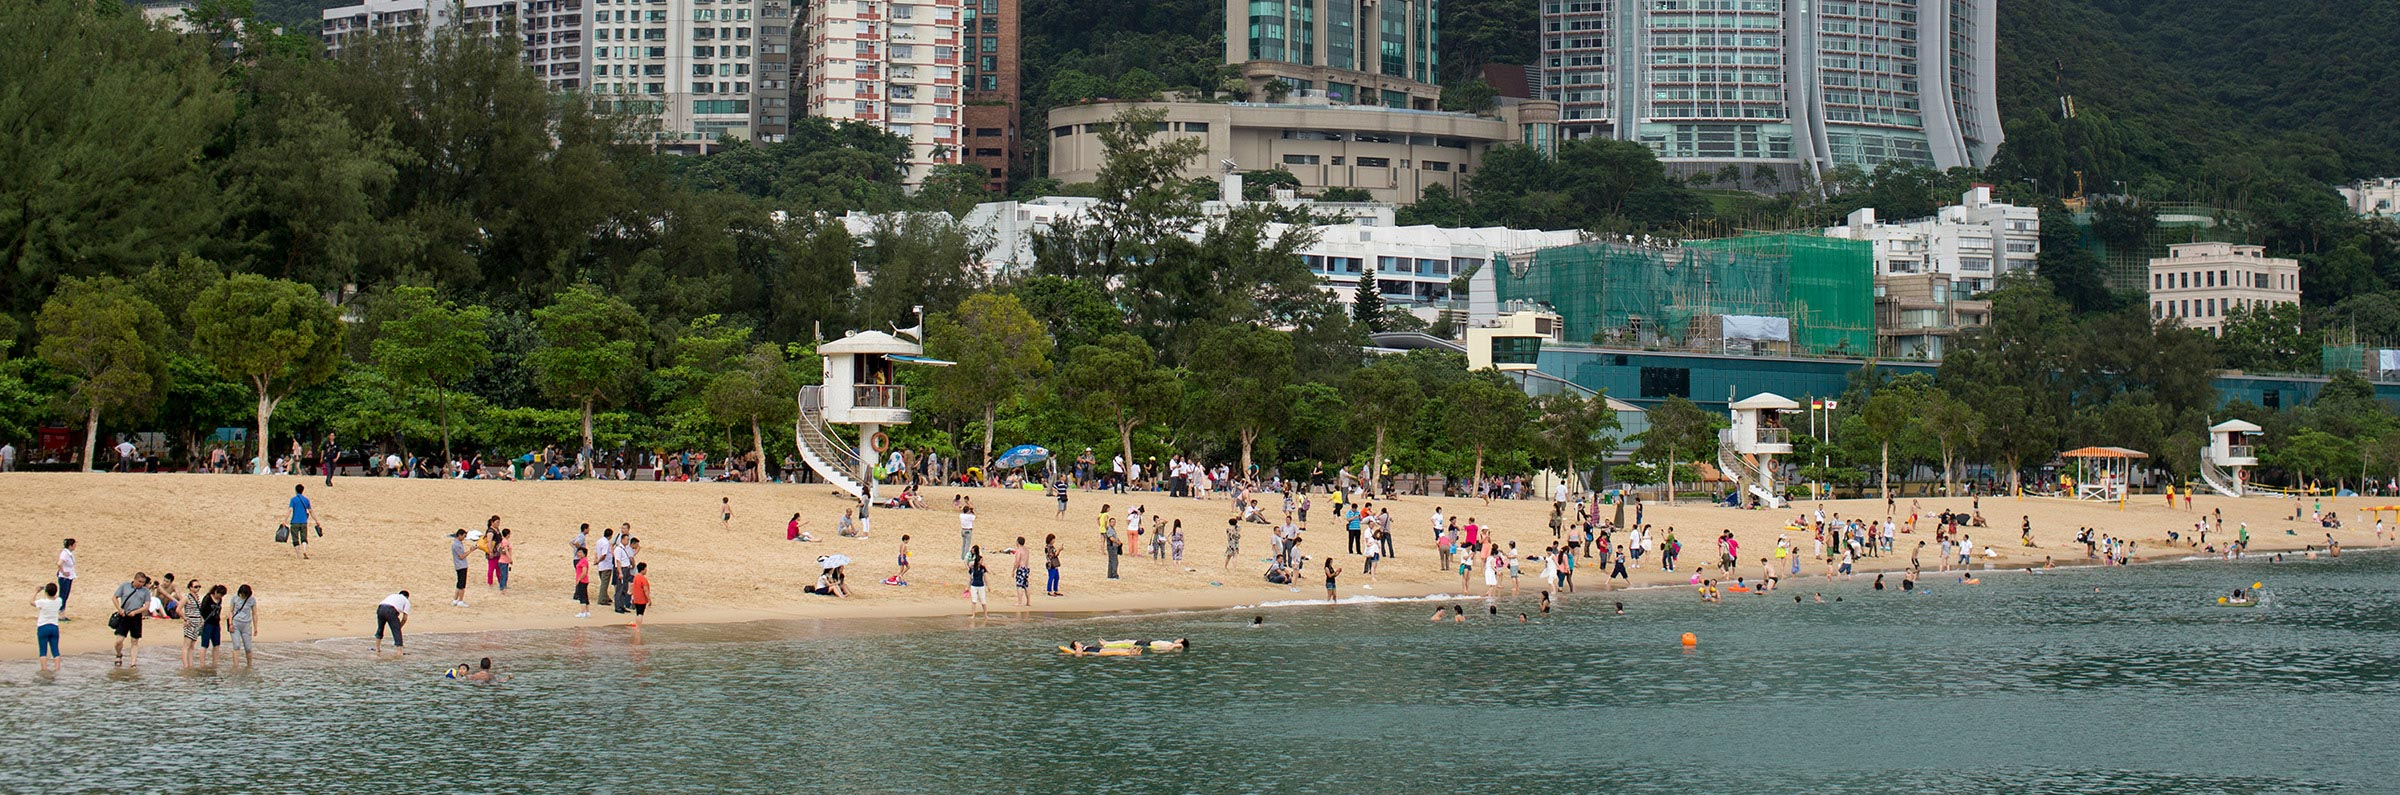 Exclusivo de Hong Kong in Hong Kong